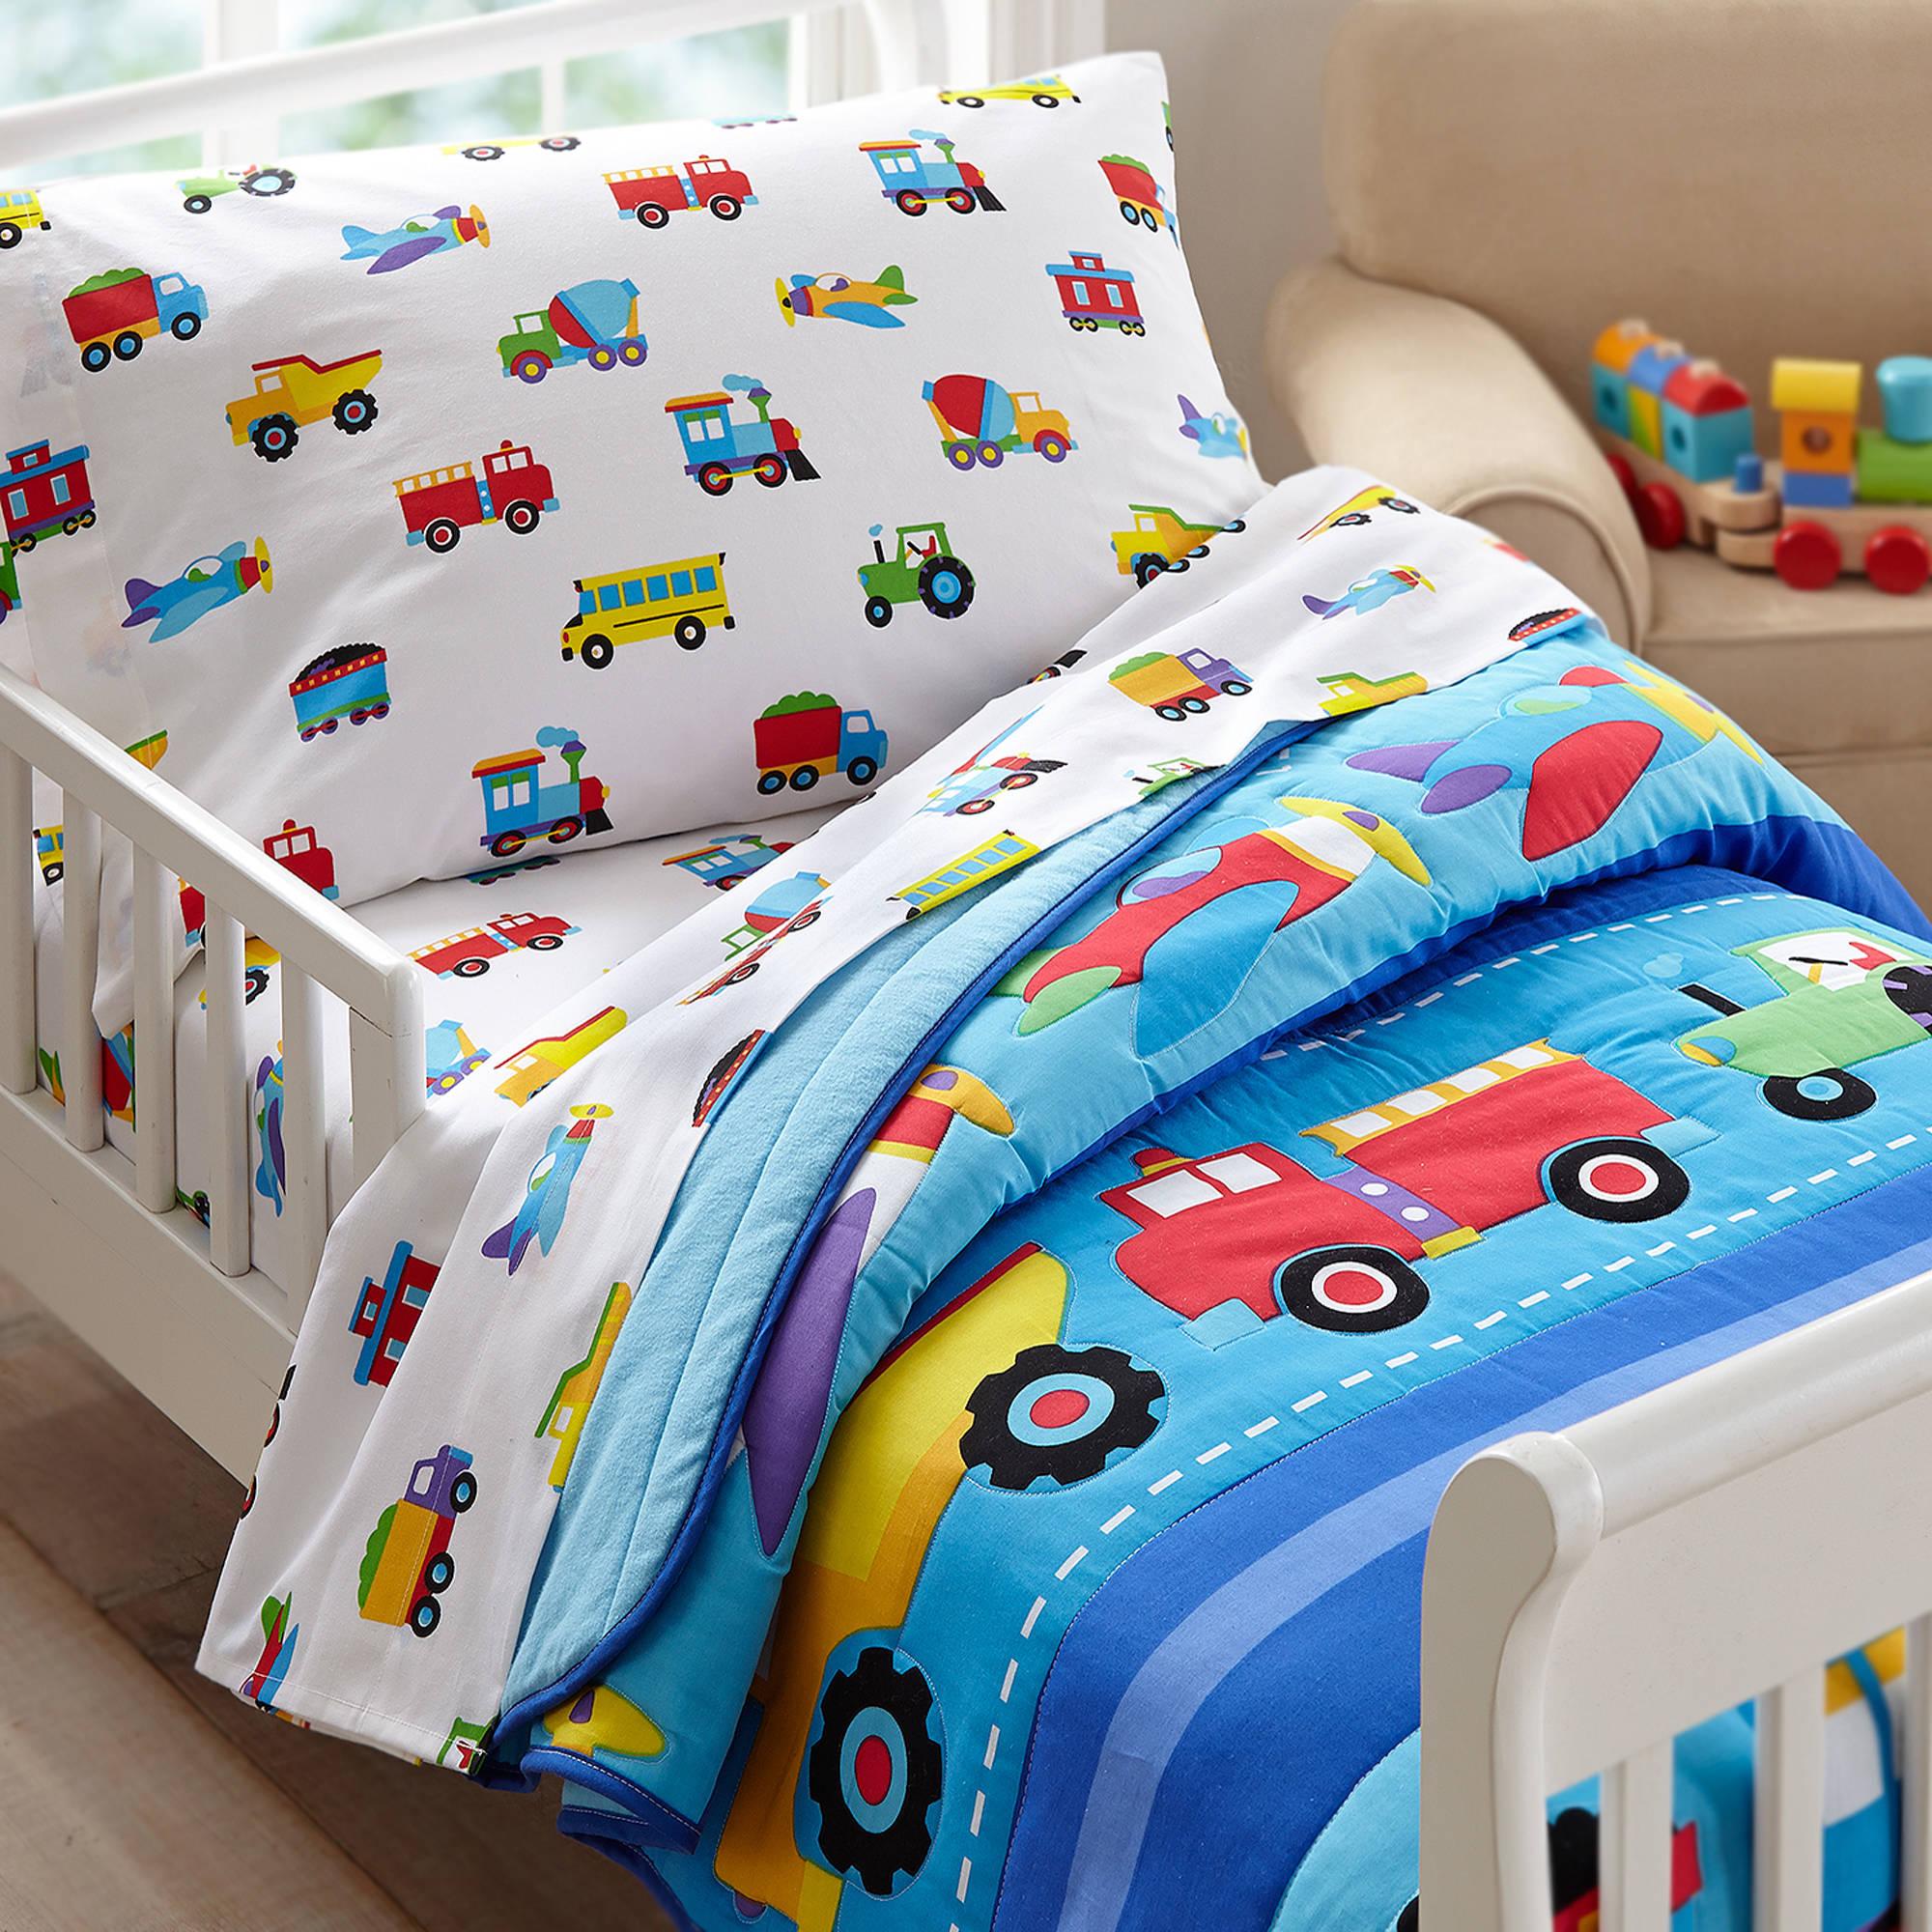 olive kids trains, planes, trucks toddler bedding comforter - walmart.com QZCKQSG